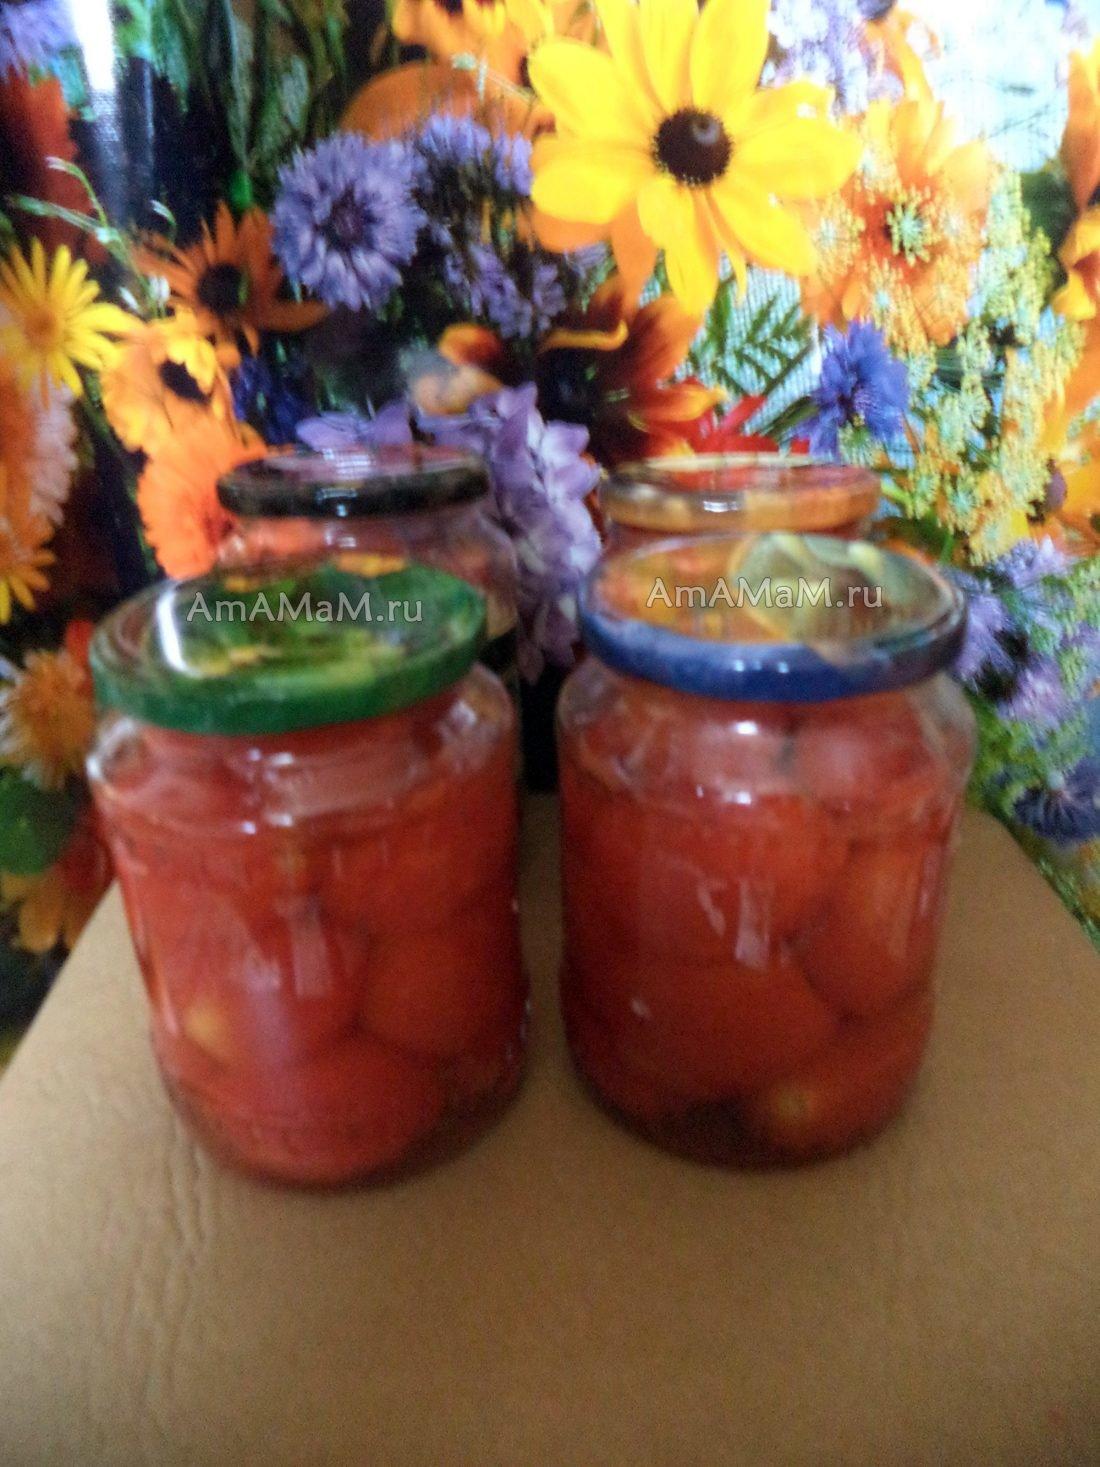 Рецепт томаты в собственном соку на зиму